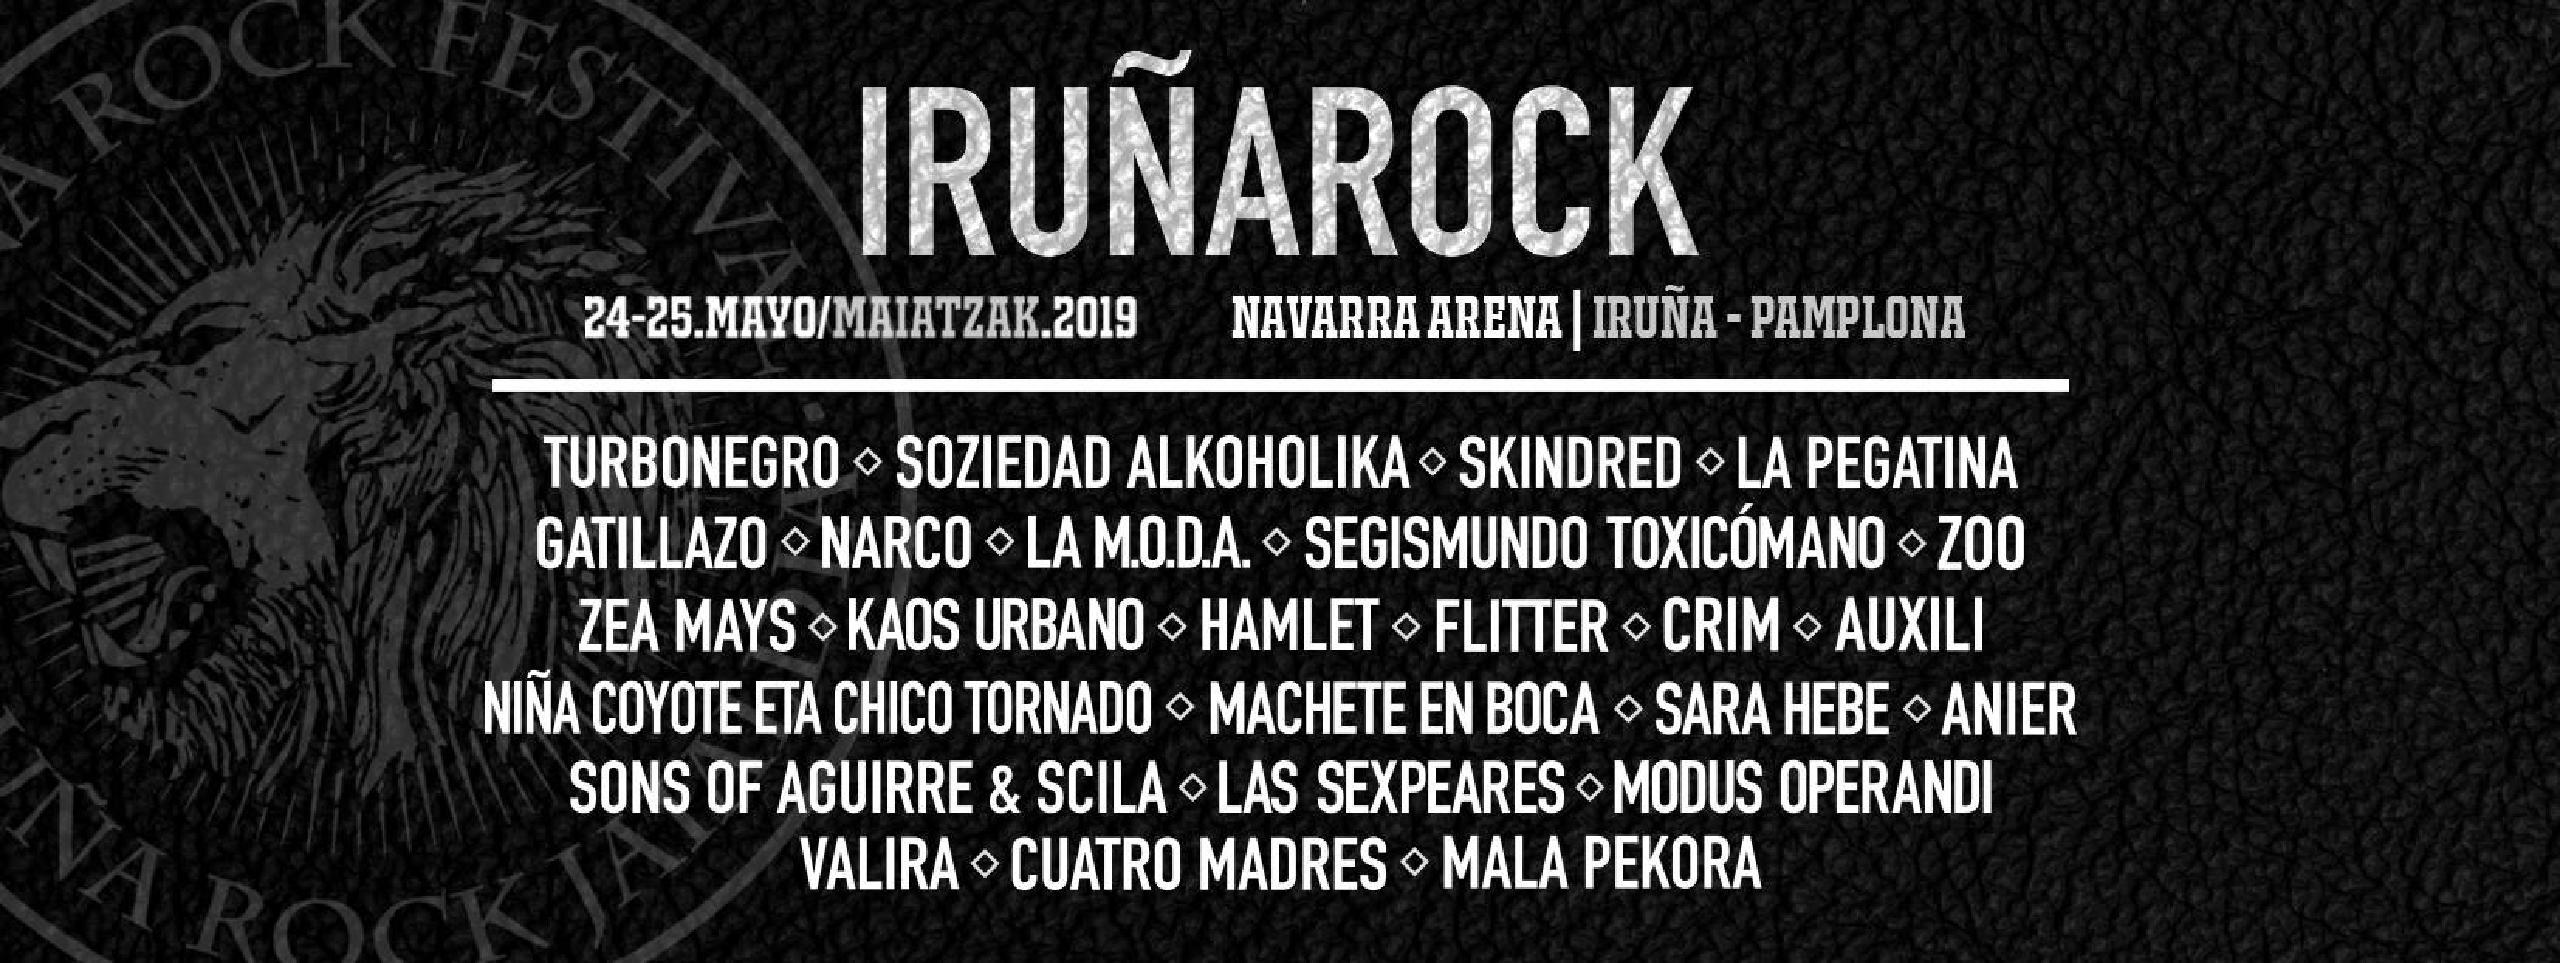 Cartel confirmaciones Iruña Rock 2019